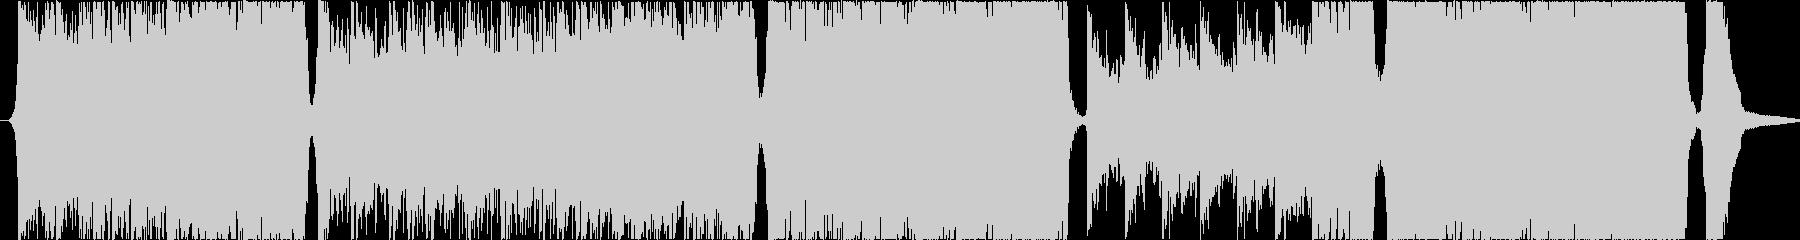 シネマコーポレートの未再生の波形